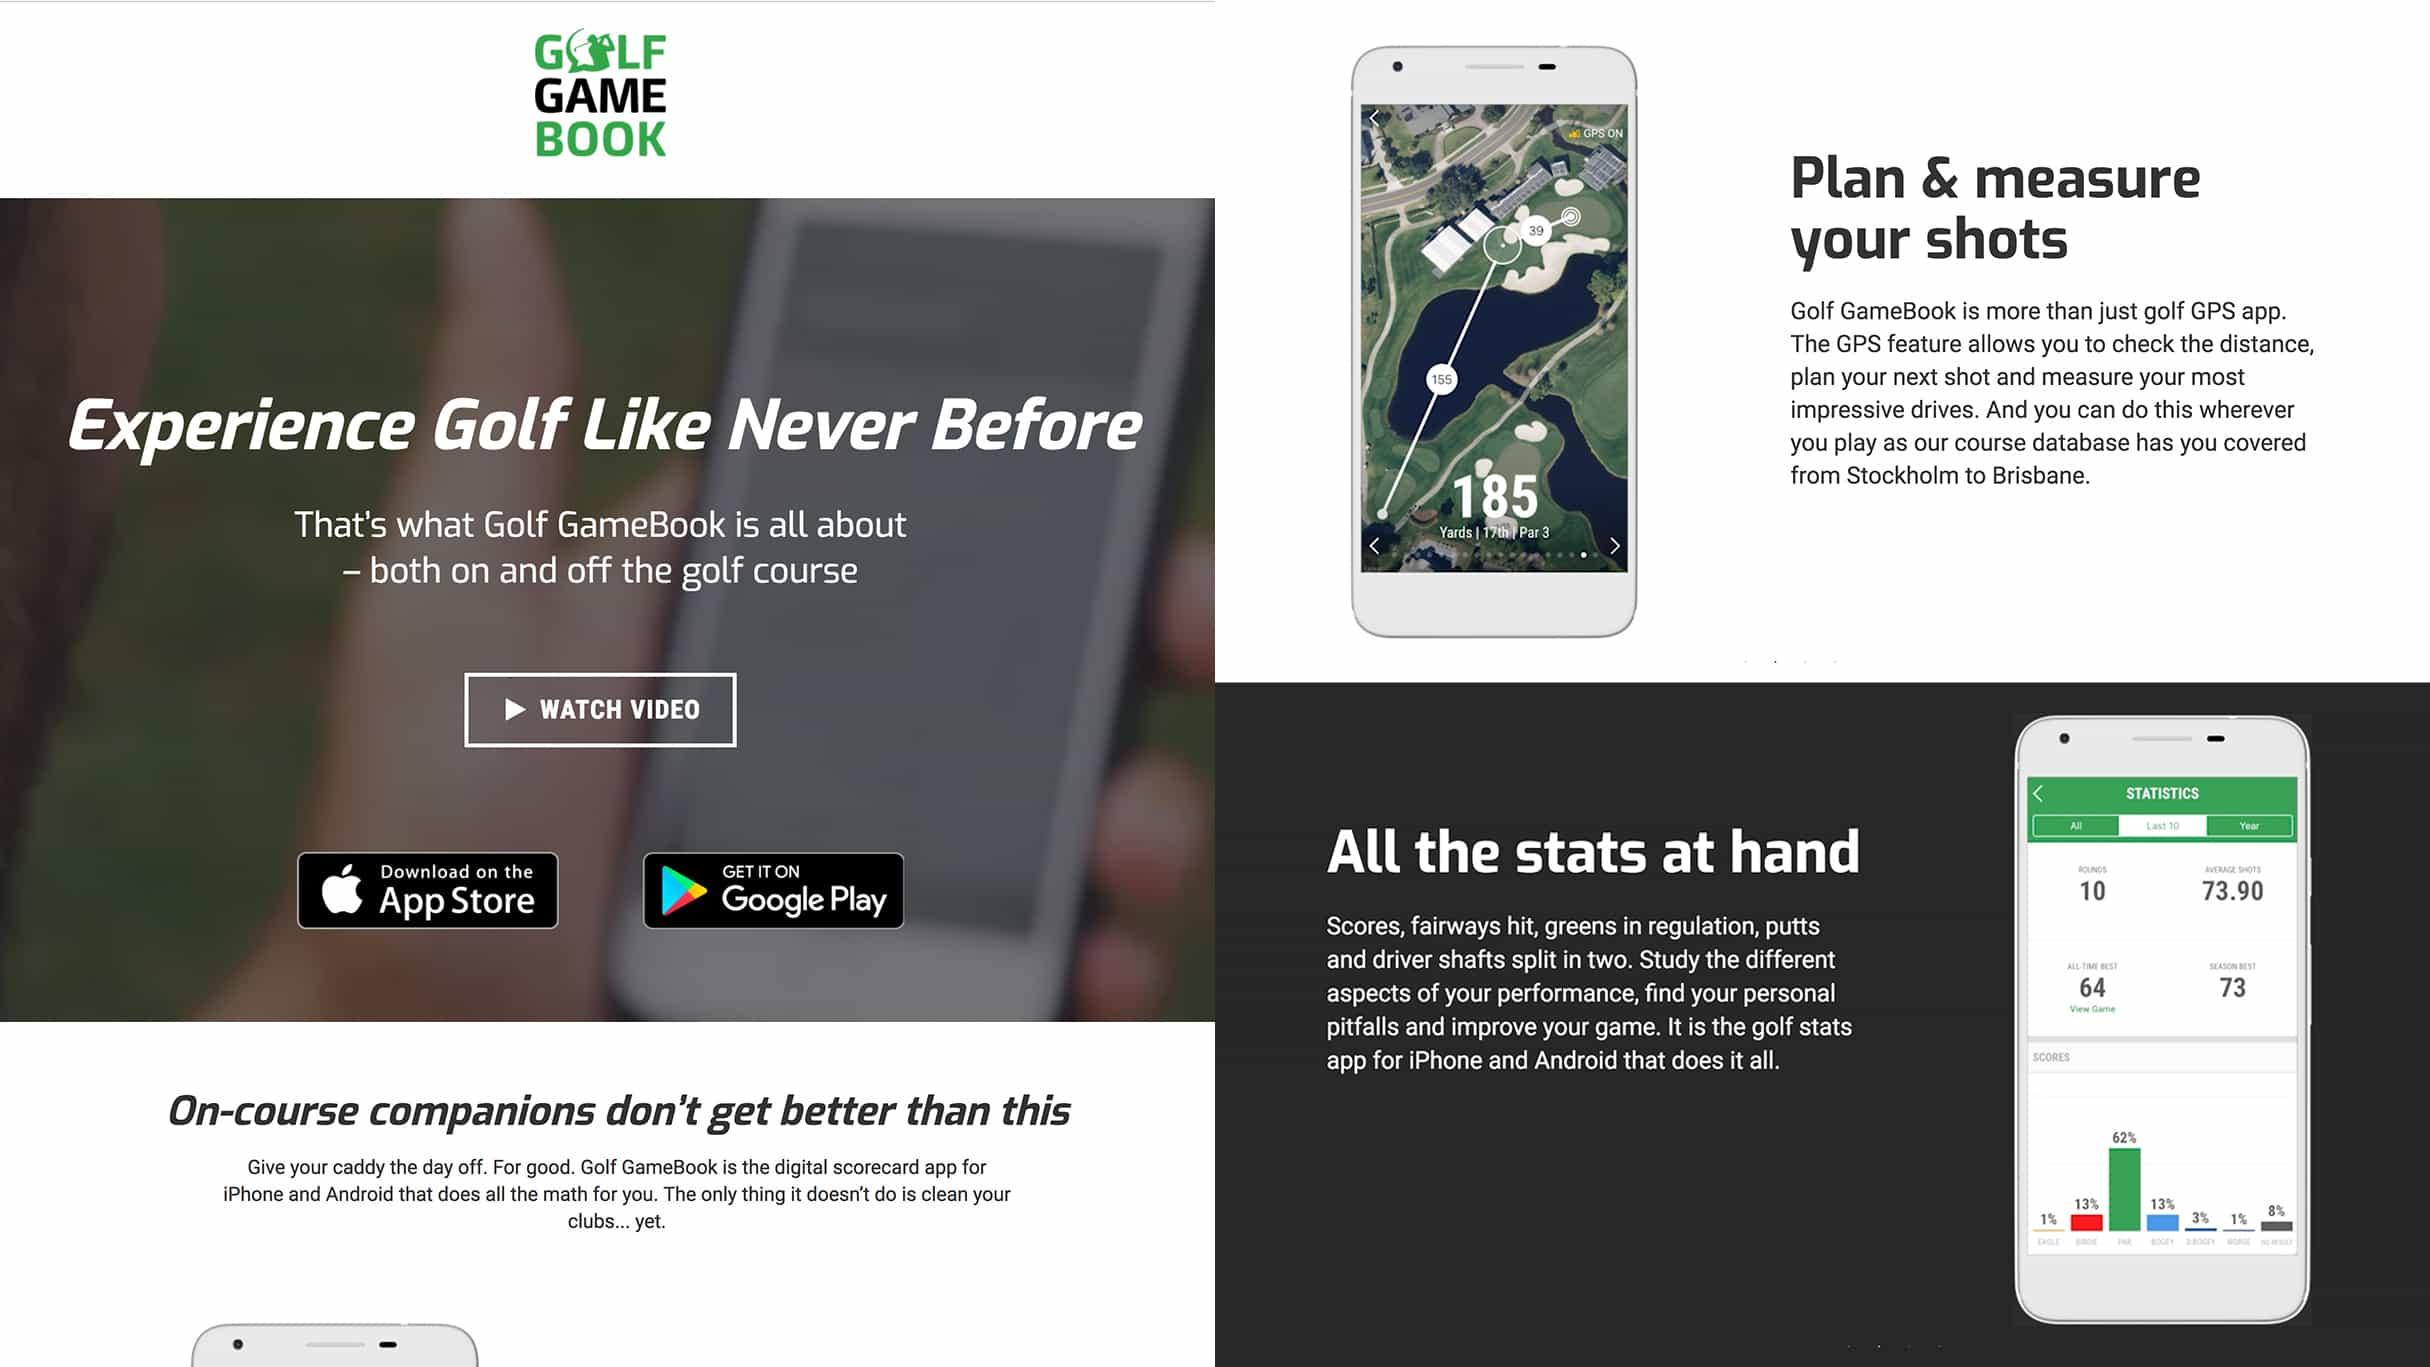 www.golfgamebook.com